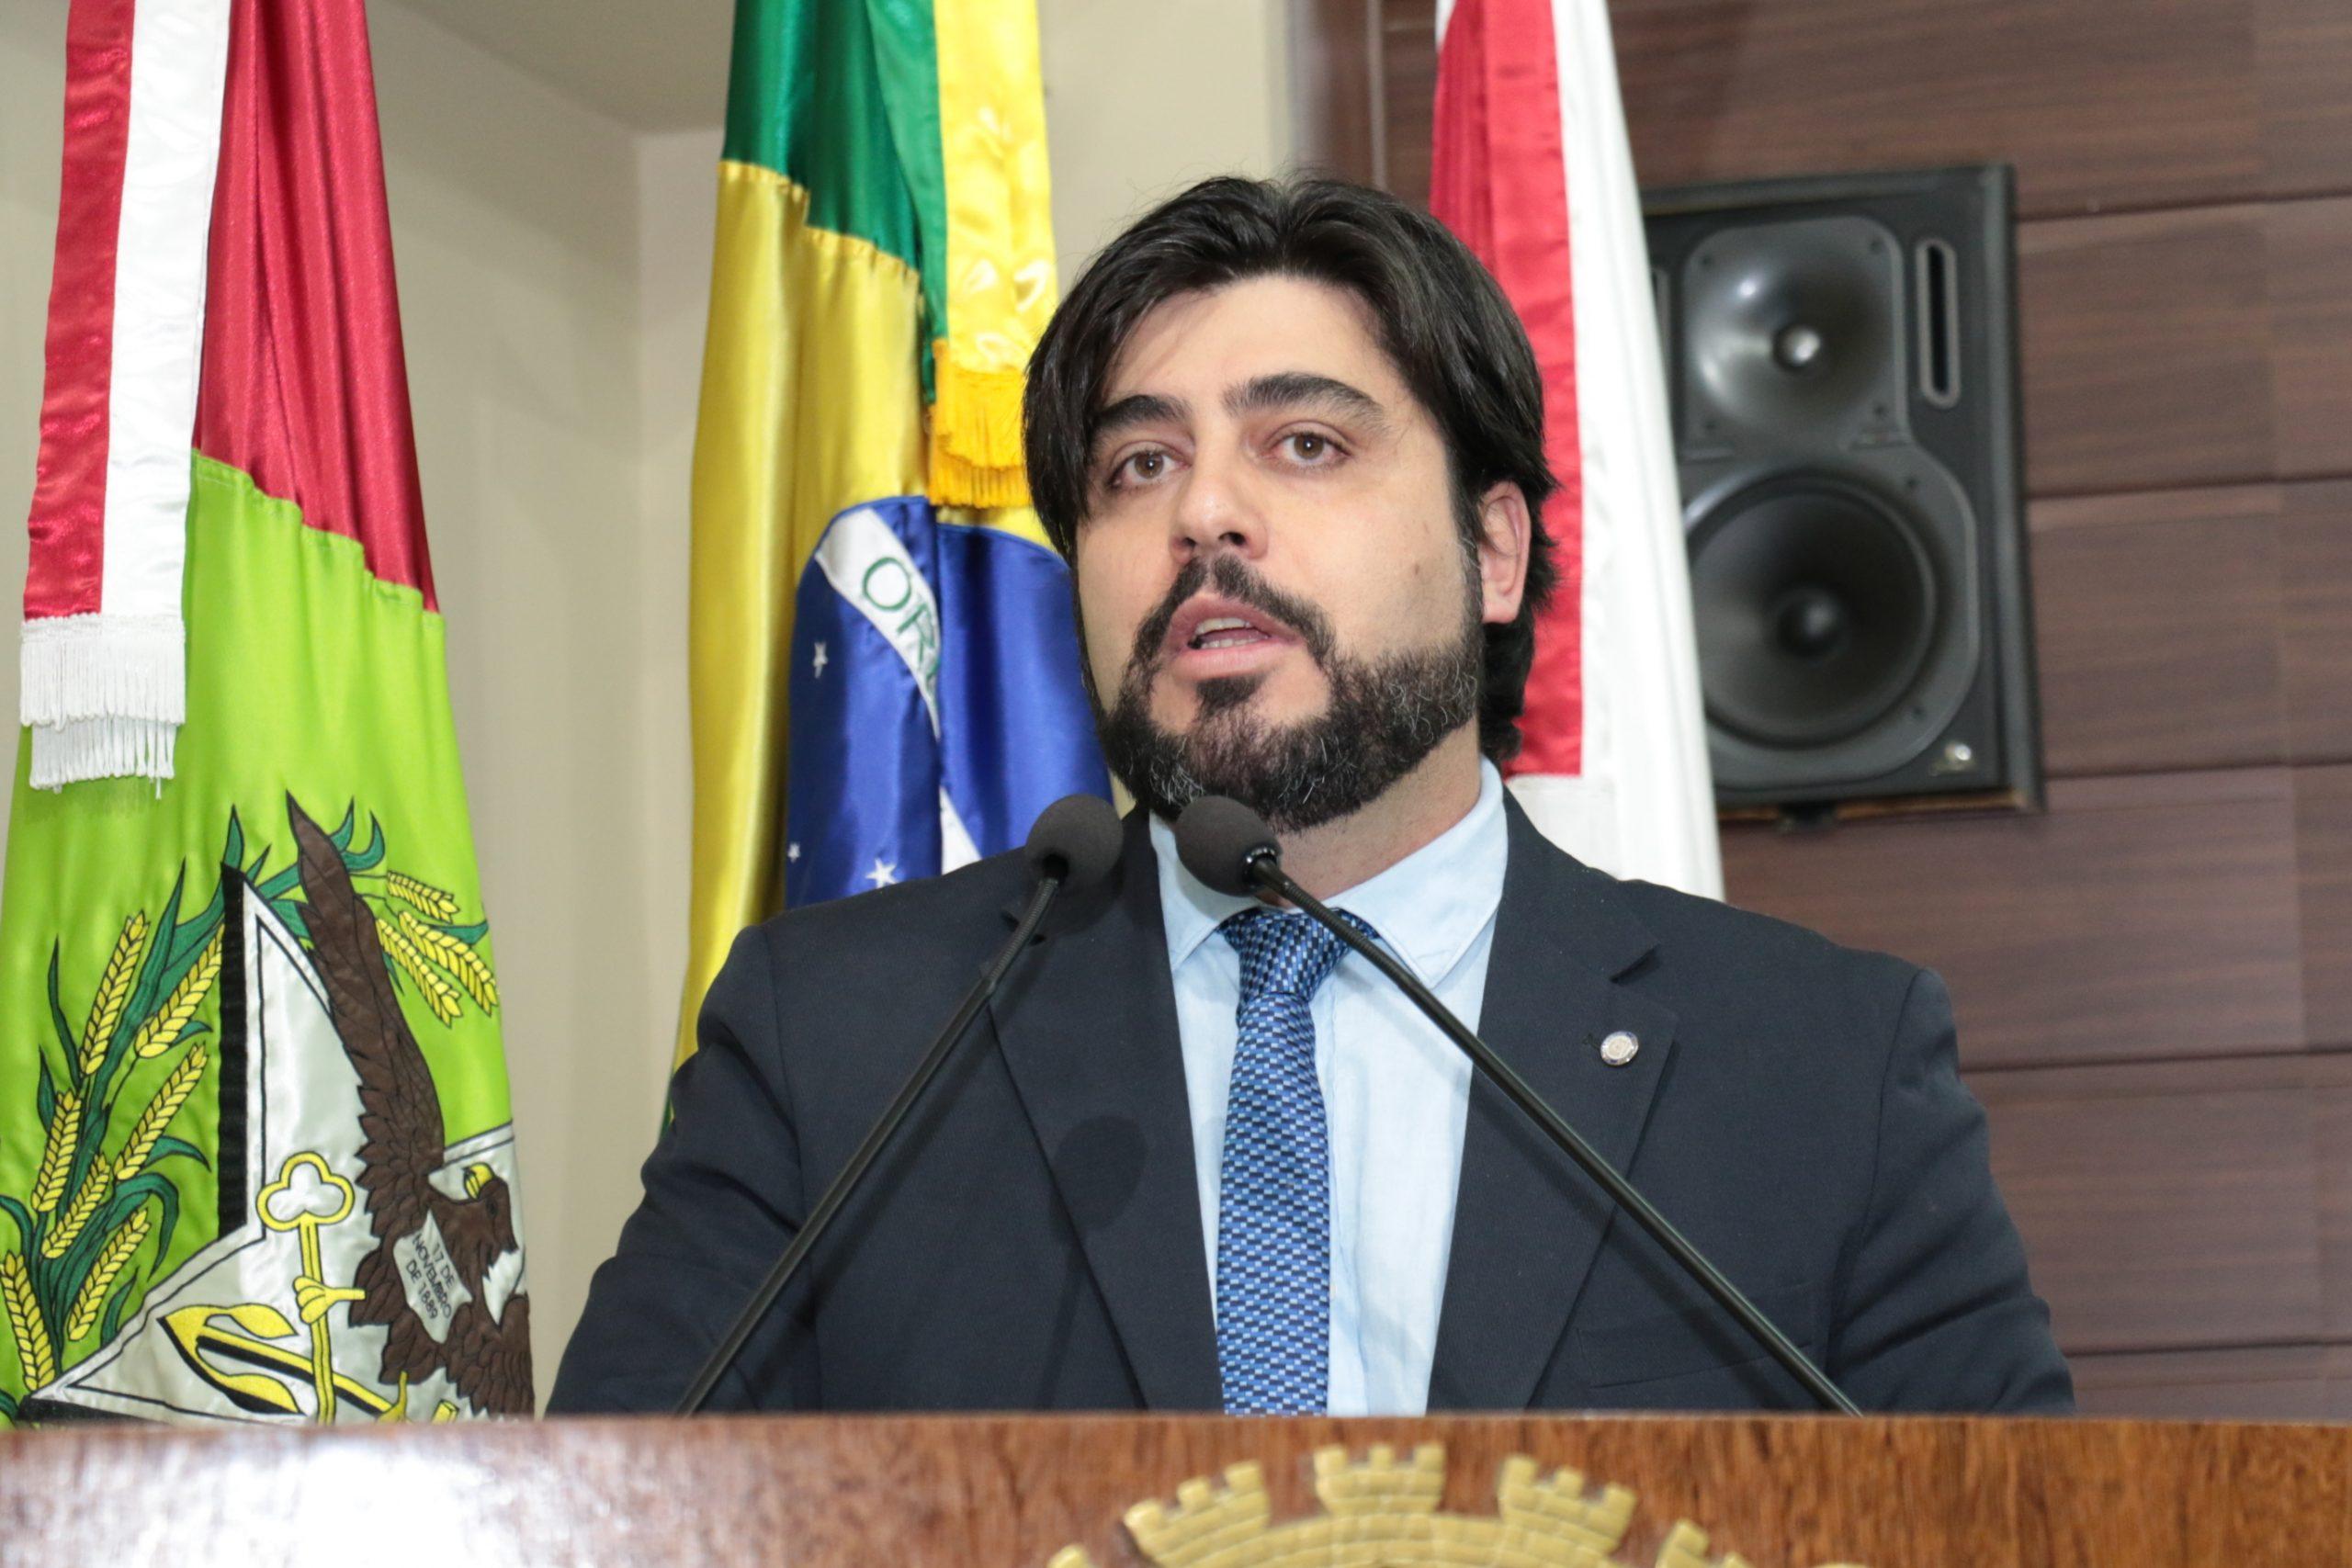 Poder Judiciário: Vereador Maikon Costa mentiu sobre aumento de salário do prefeito